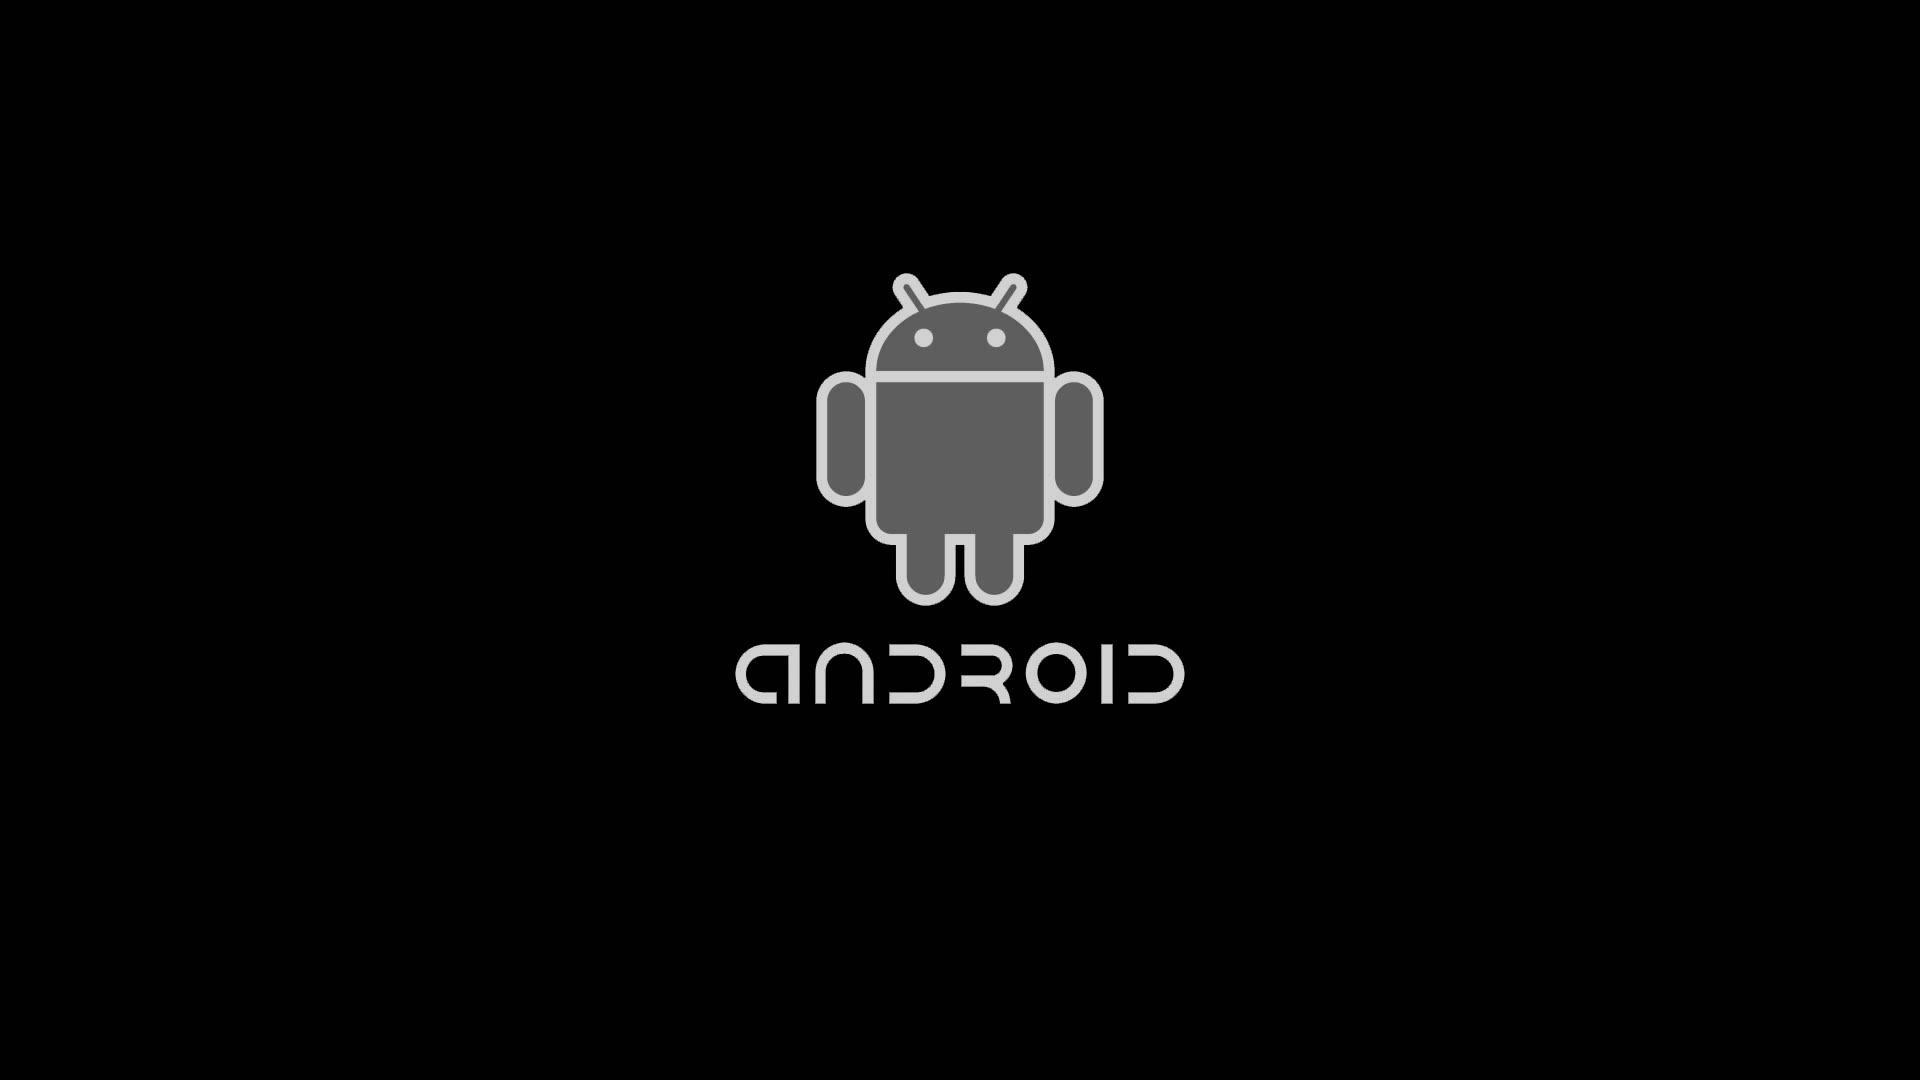 Тёмной темы в Android P не будет - слухи не подтвердились